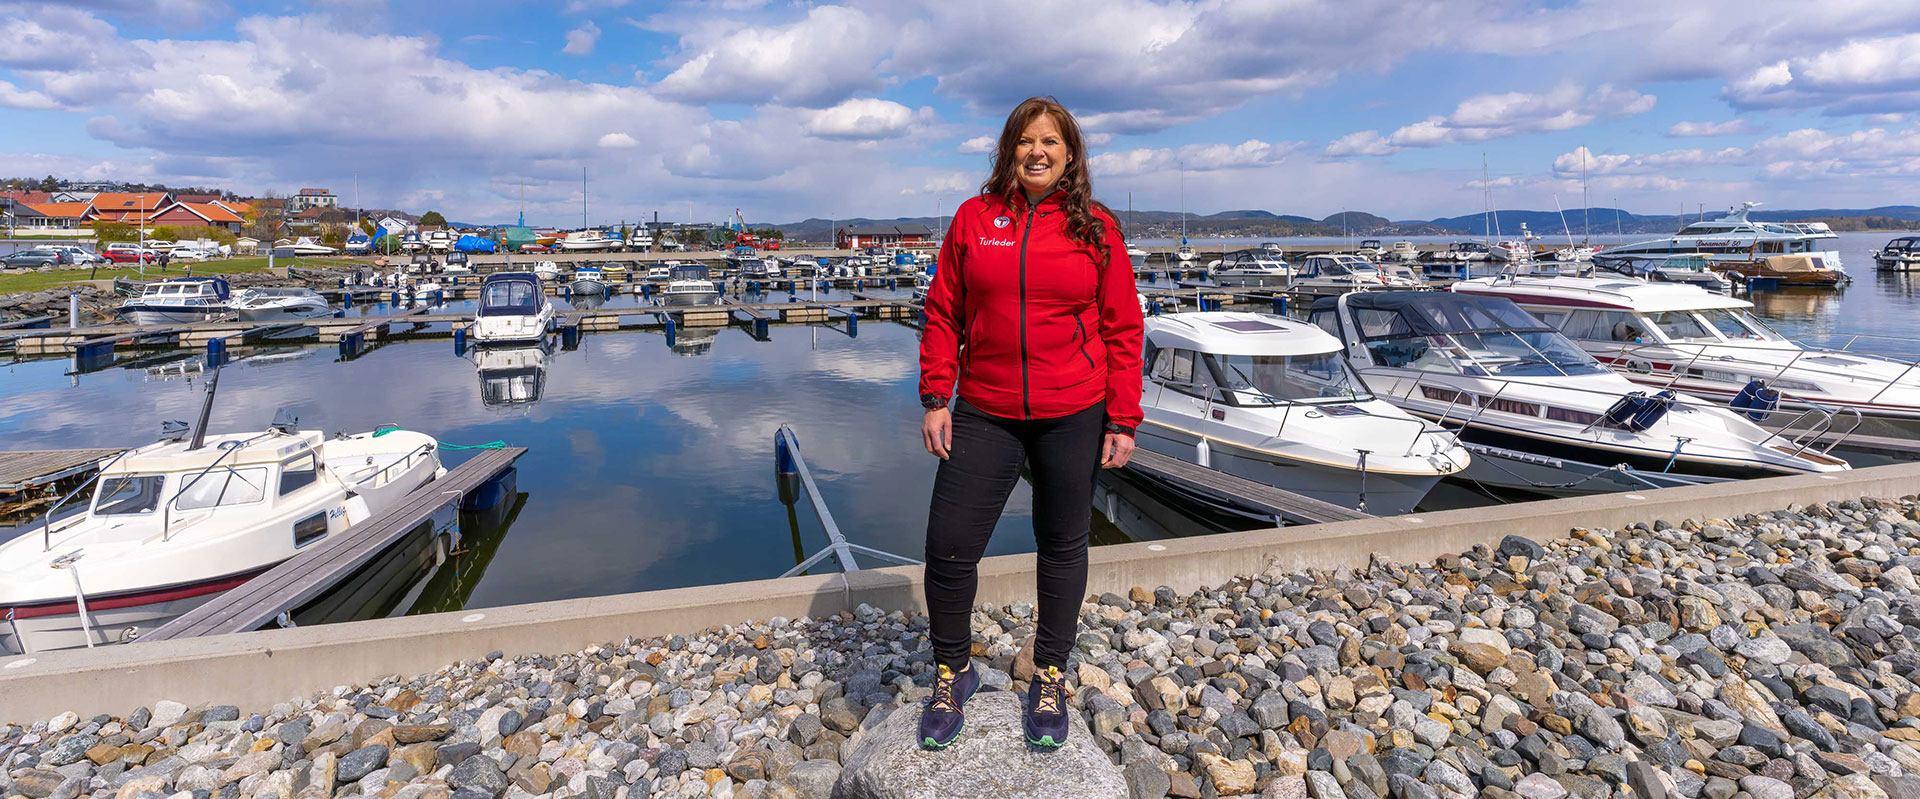 Leder av Holmestrand og Omegn Turistforening Birgit Sandin Vildalen står ved havna i Holmestrand sentrum